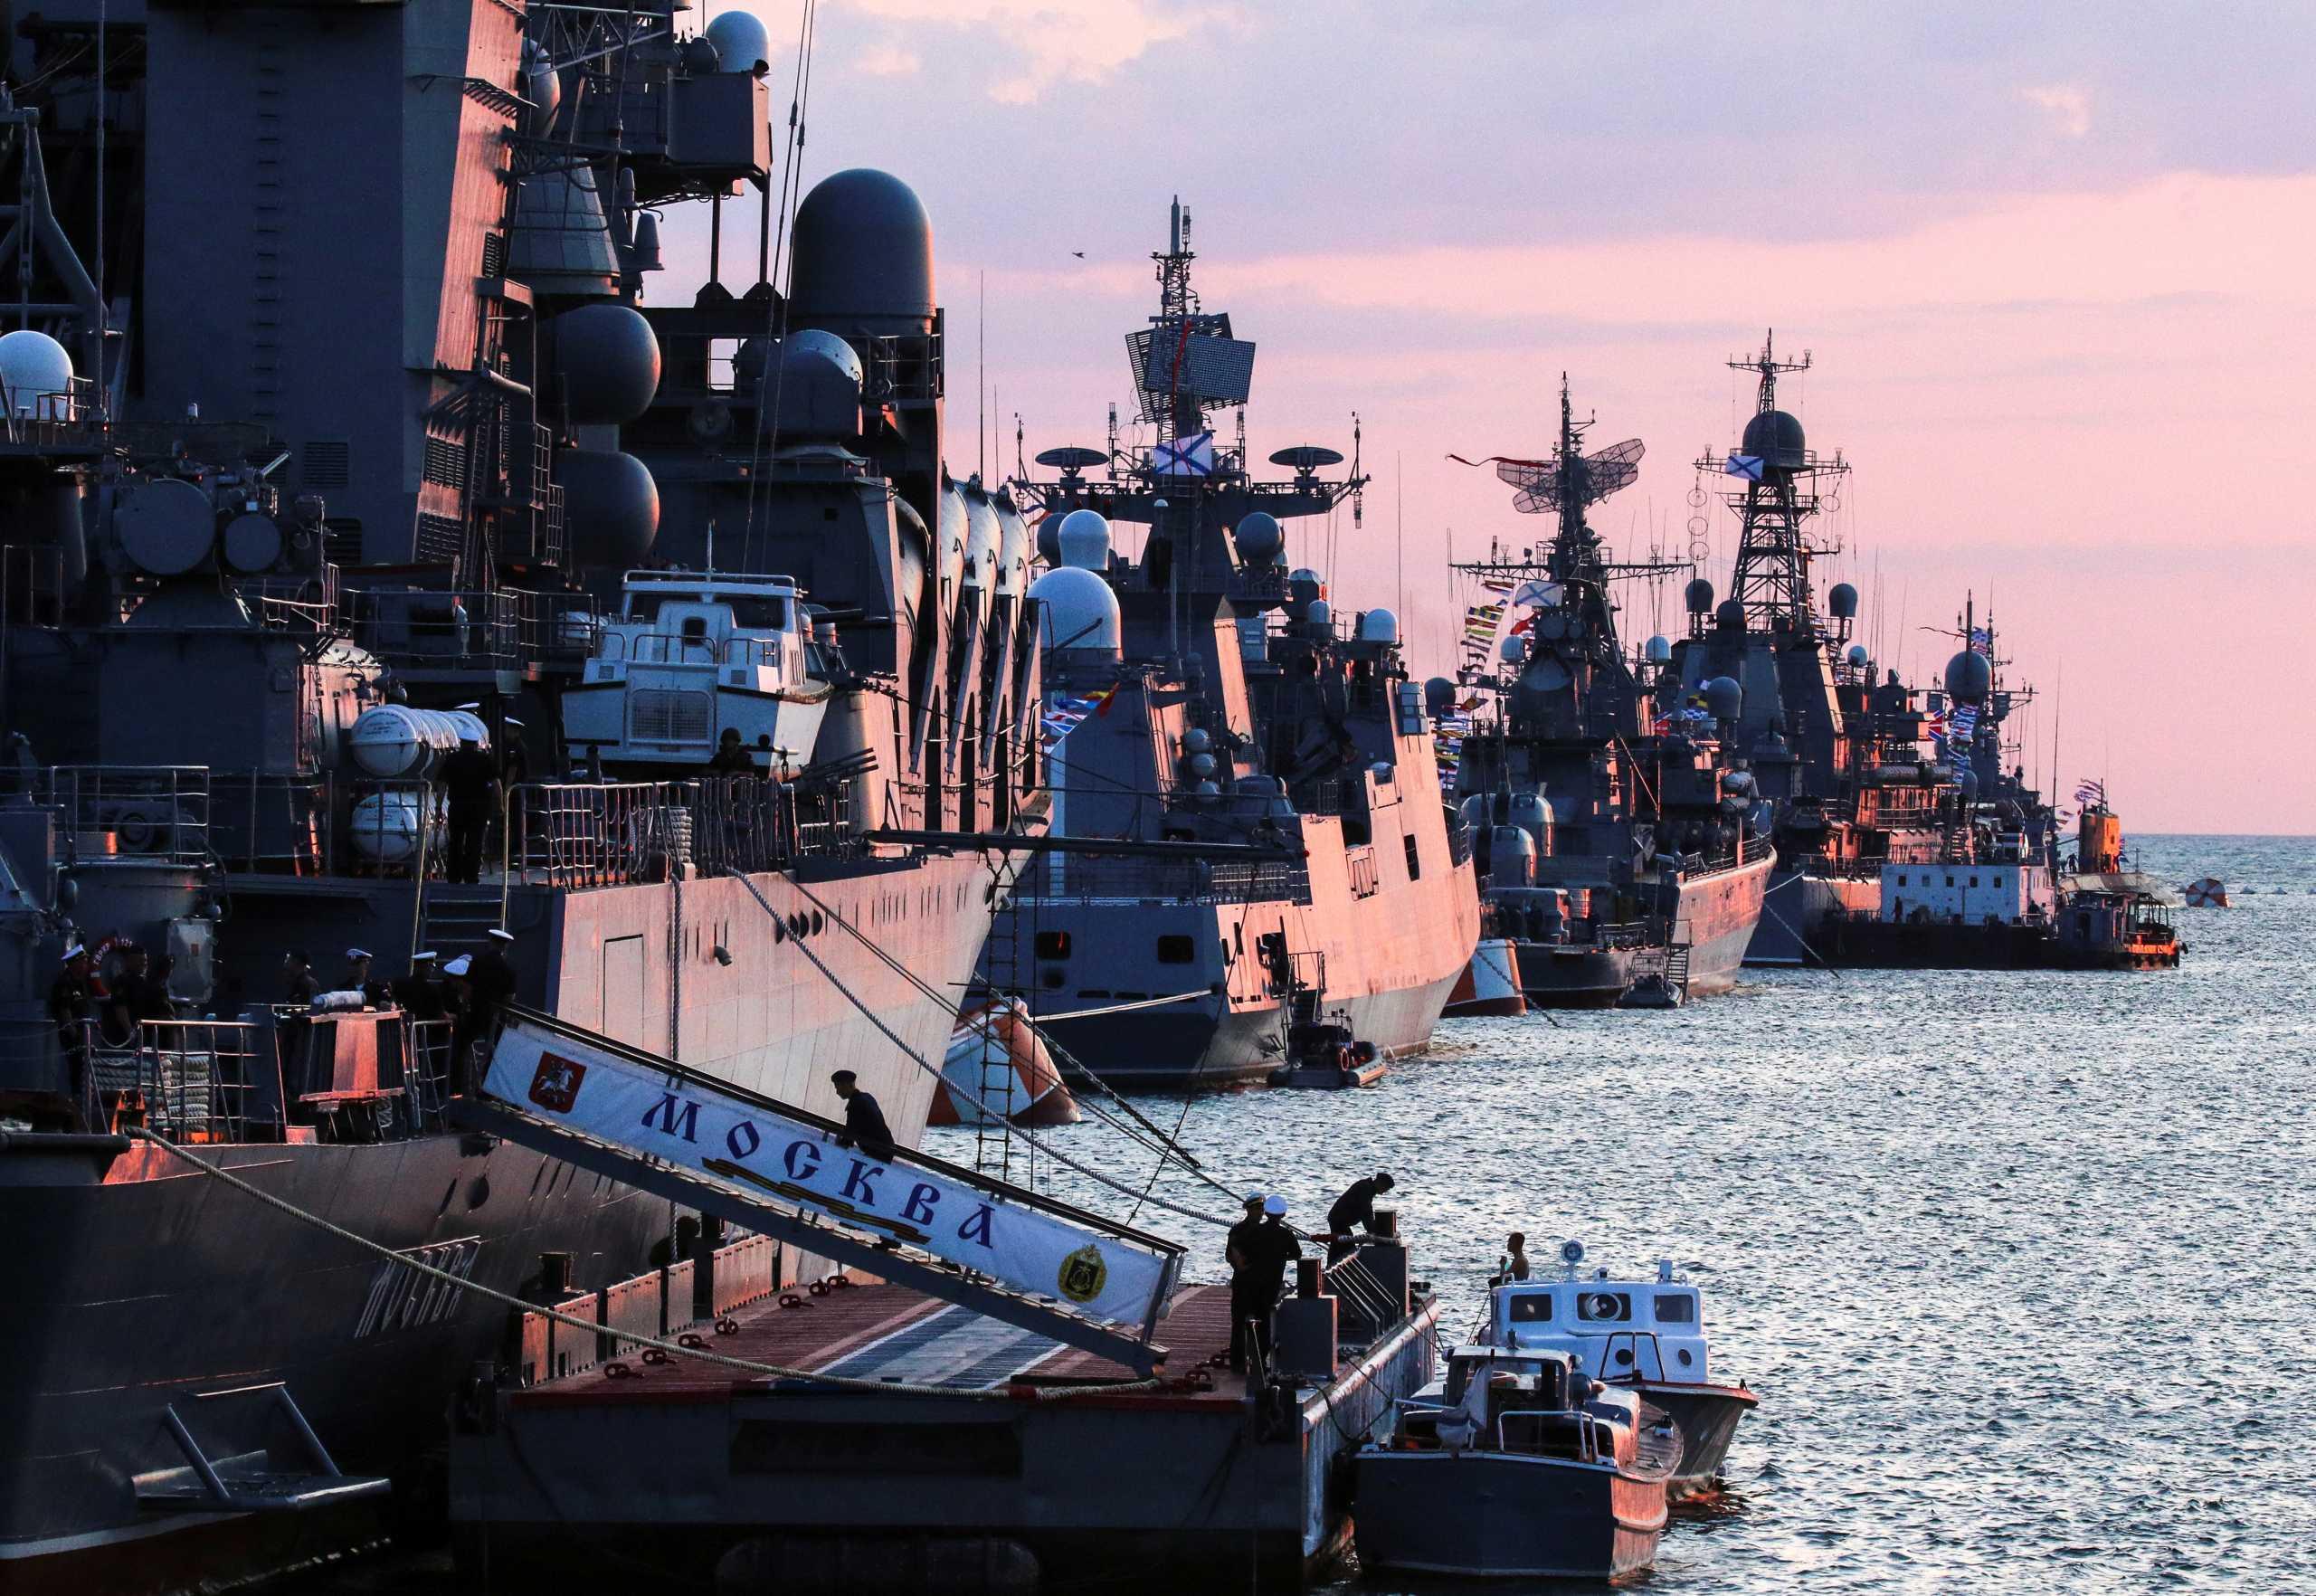 Πούτιν: Το Πολεμικό μας Ναυτικό μπορεί να καταστρέψει οποιοδήποτε στόχο